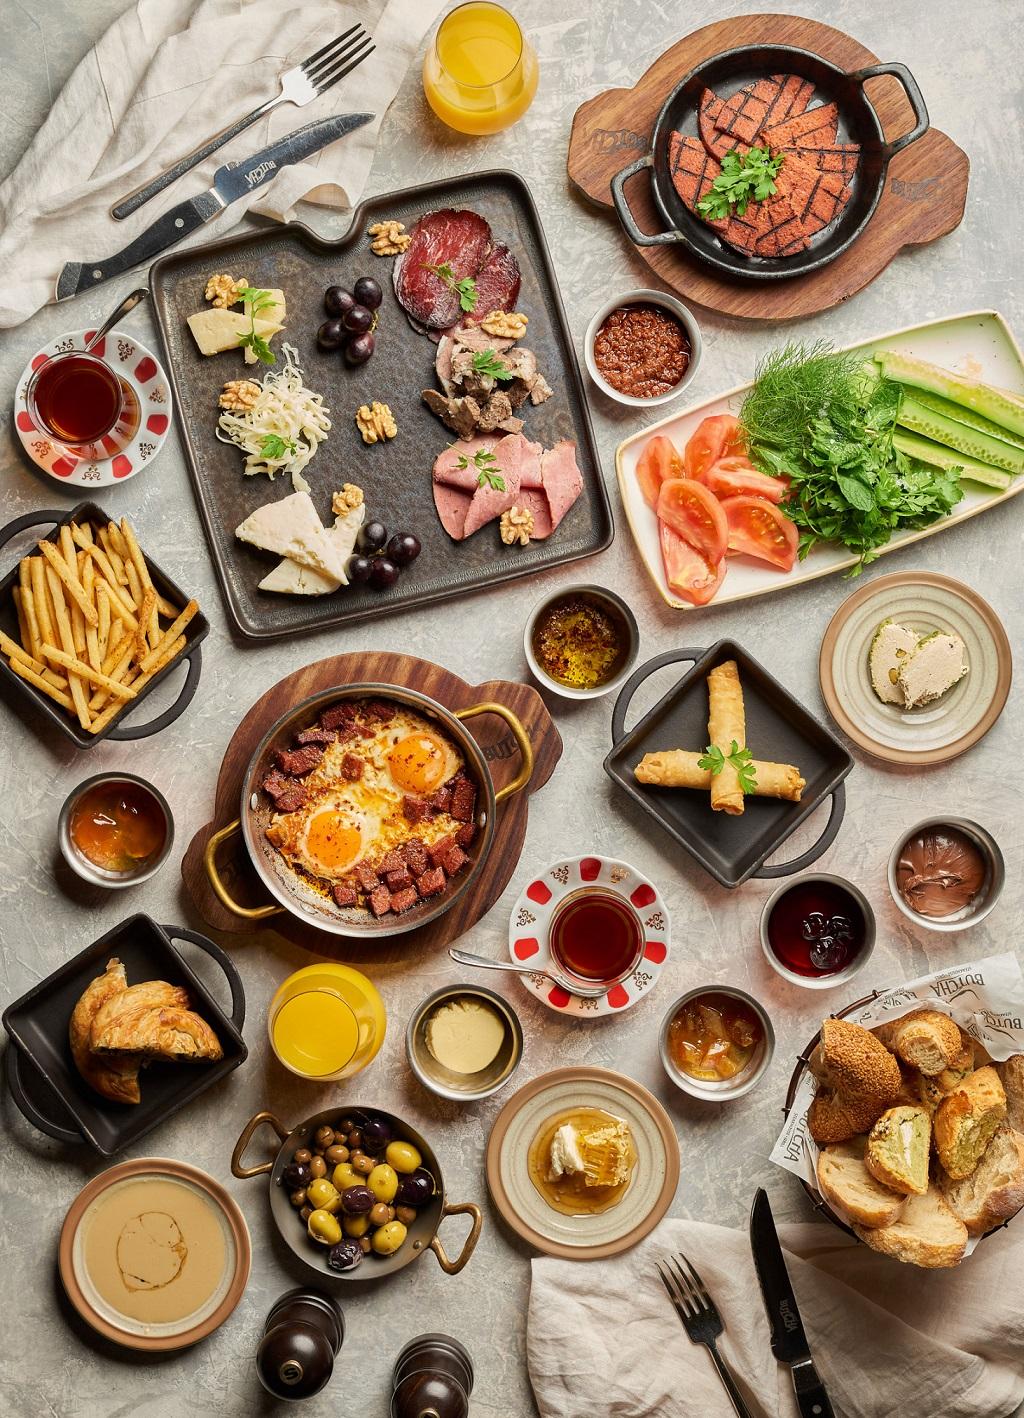 سوق هاو بازار للمأكولات التركية